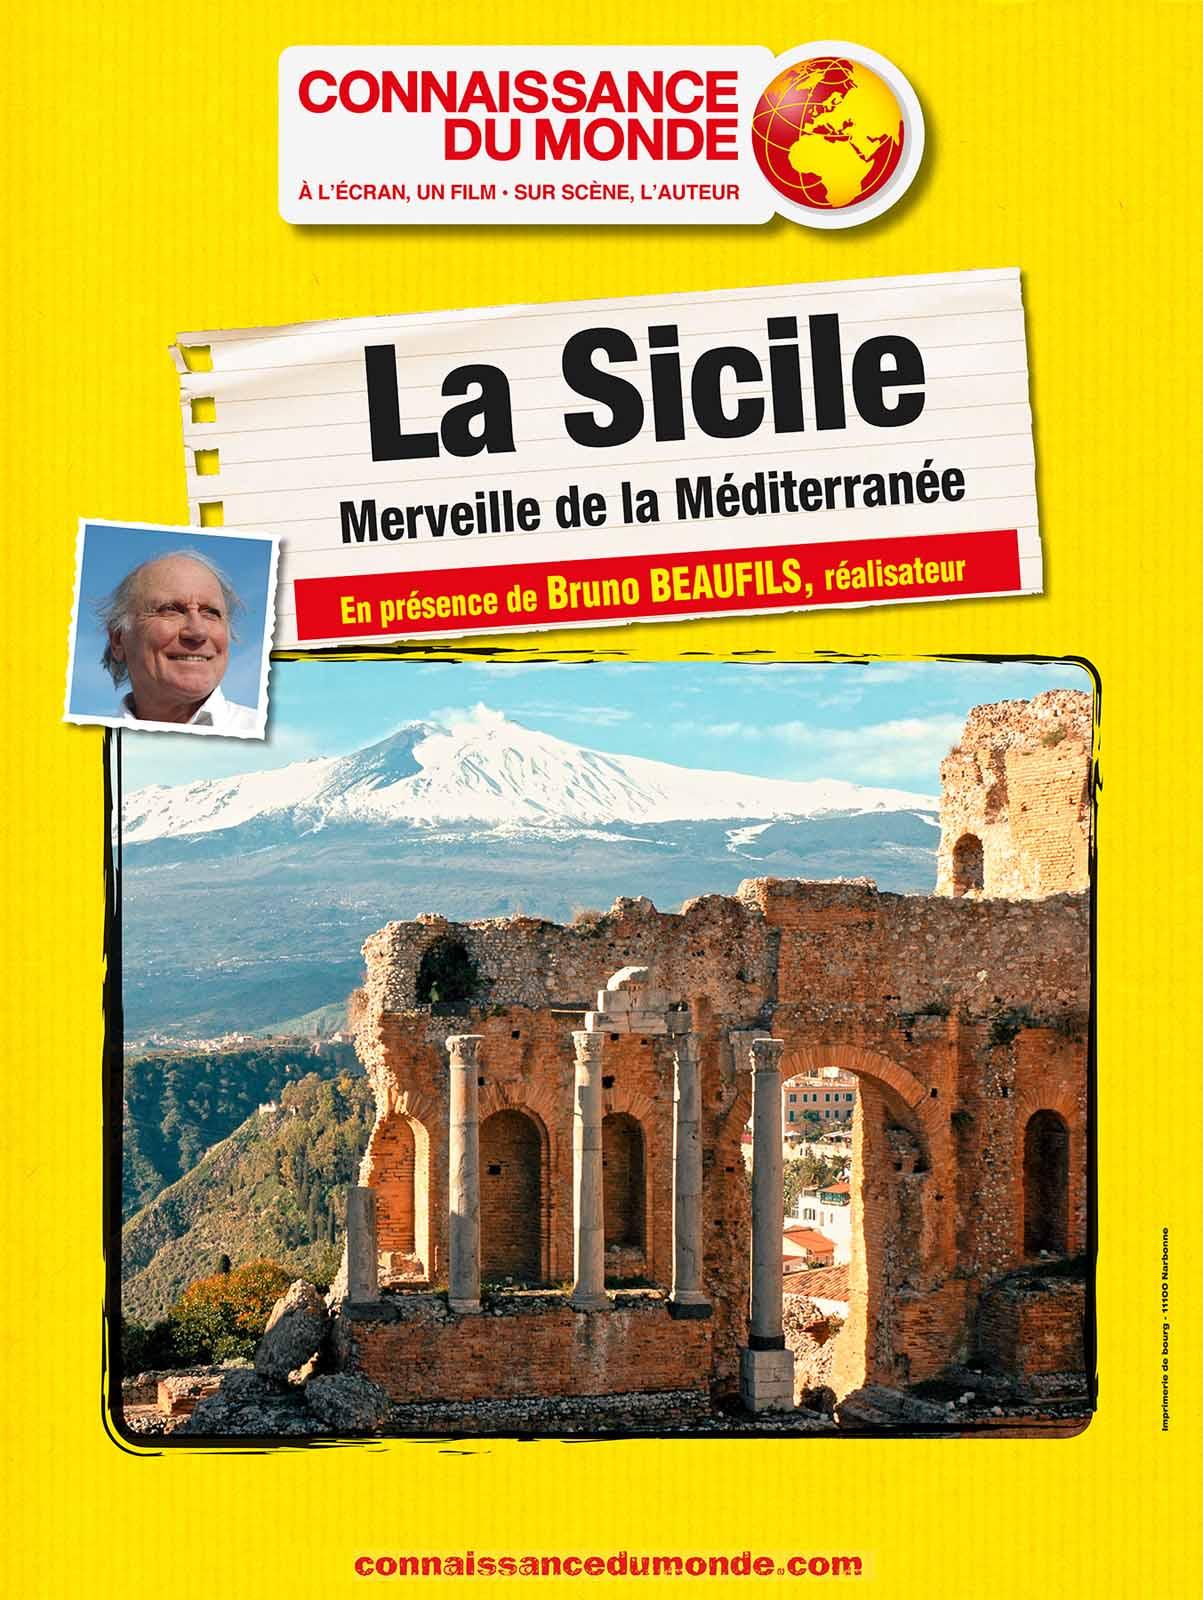 La Sicile, Merveille de la Méditerranée